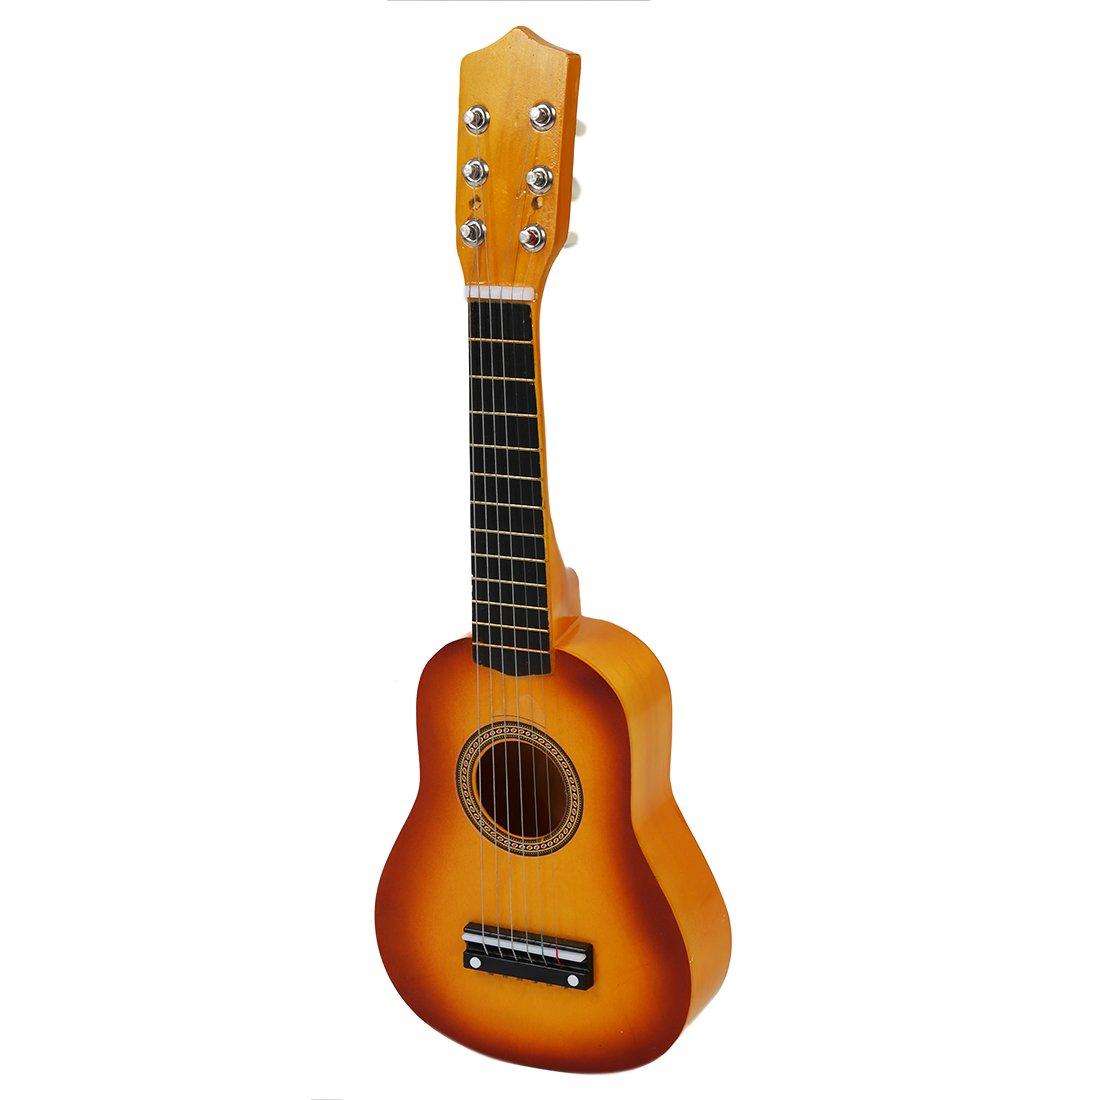 SODIAL(R) Hawaii Ukulele Mini Guitar 21 inch Acoustic Ukulele + Plectron 070838